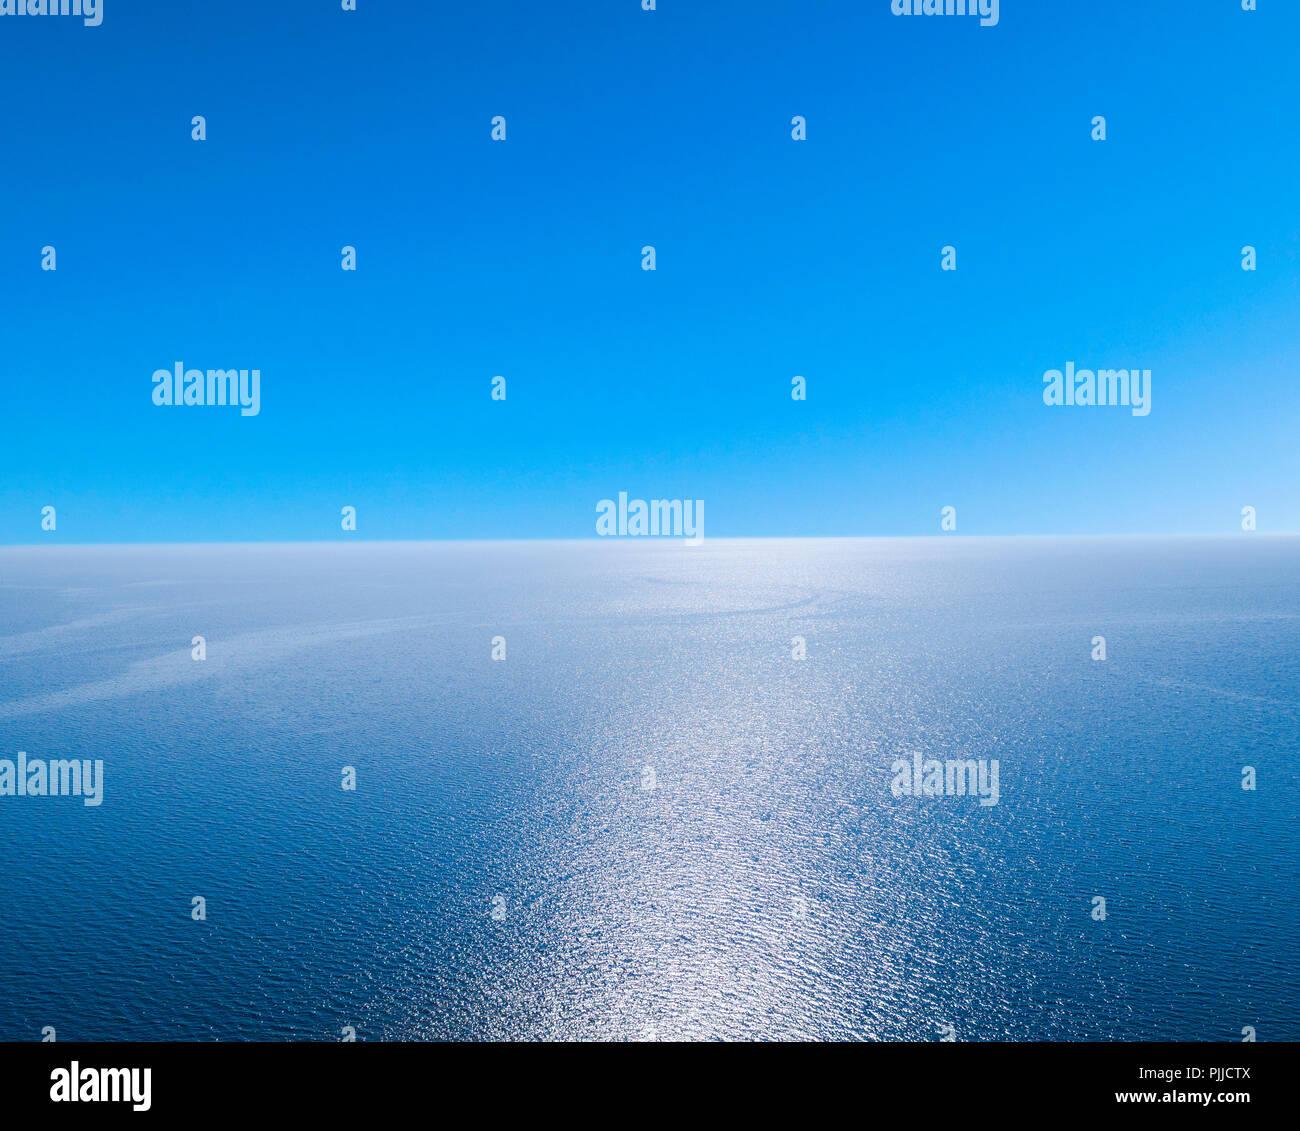 Vista Aerea Di Un Mare Azzurro Sfondo Acqua E Sole Riflessioni